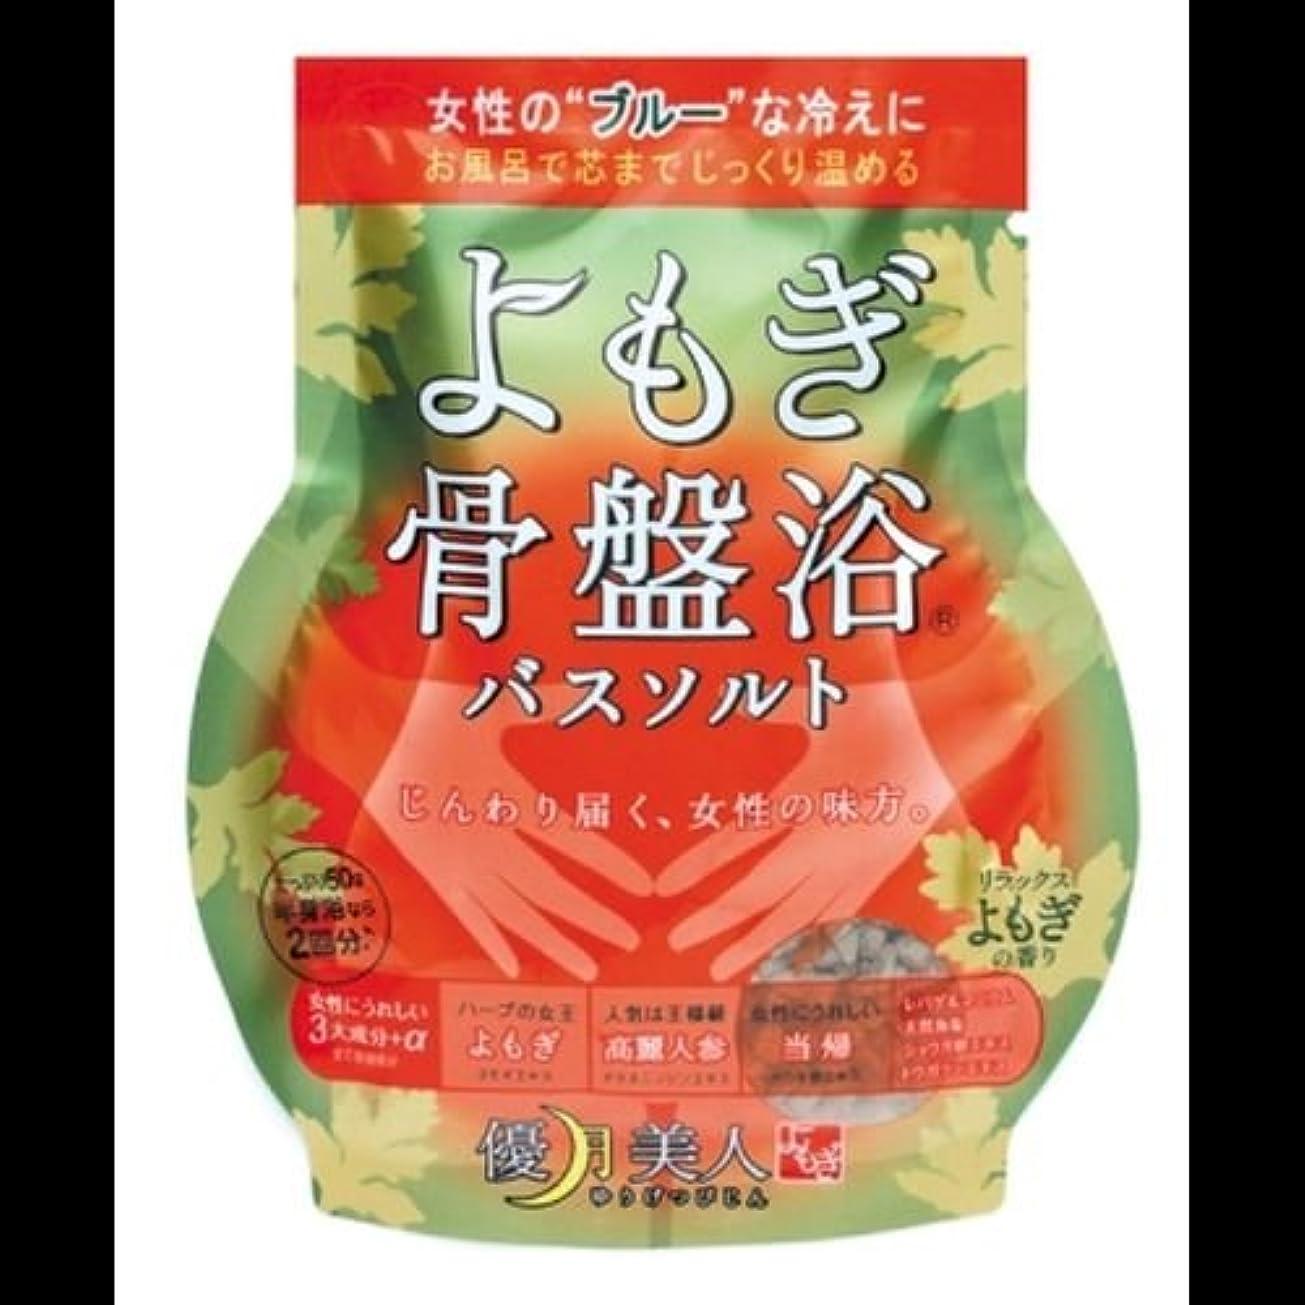 アセ配るミニチュア【まとめ買い】優月美人 バスソルト よもぎの香り 50g ×2セット